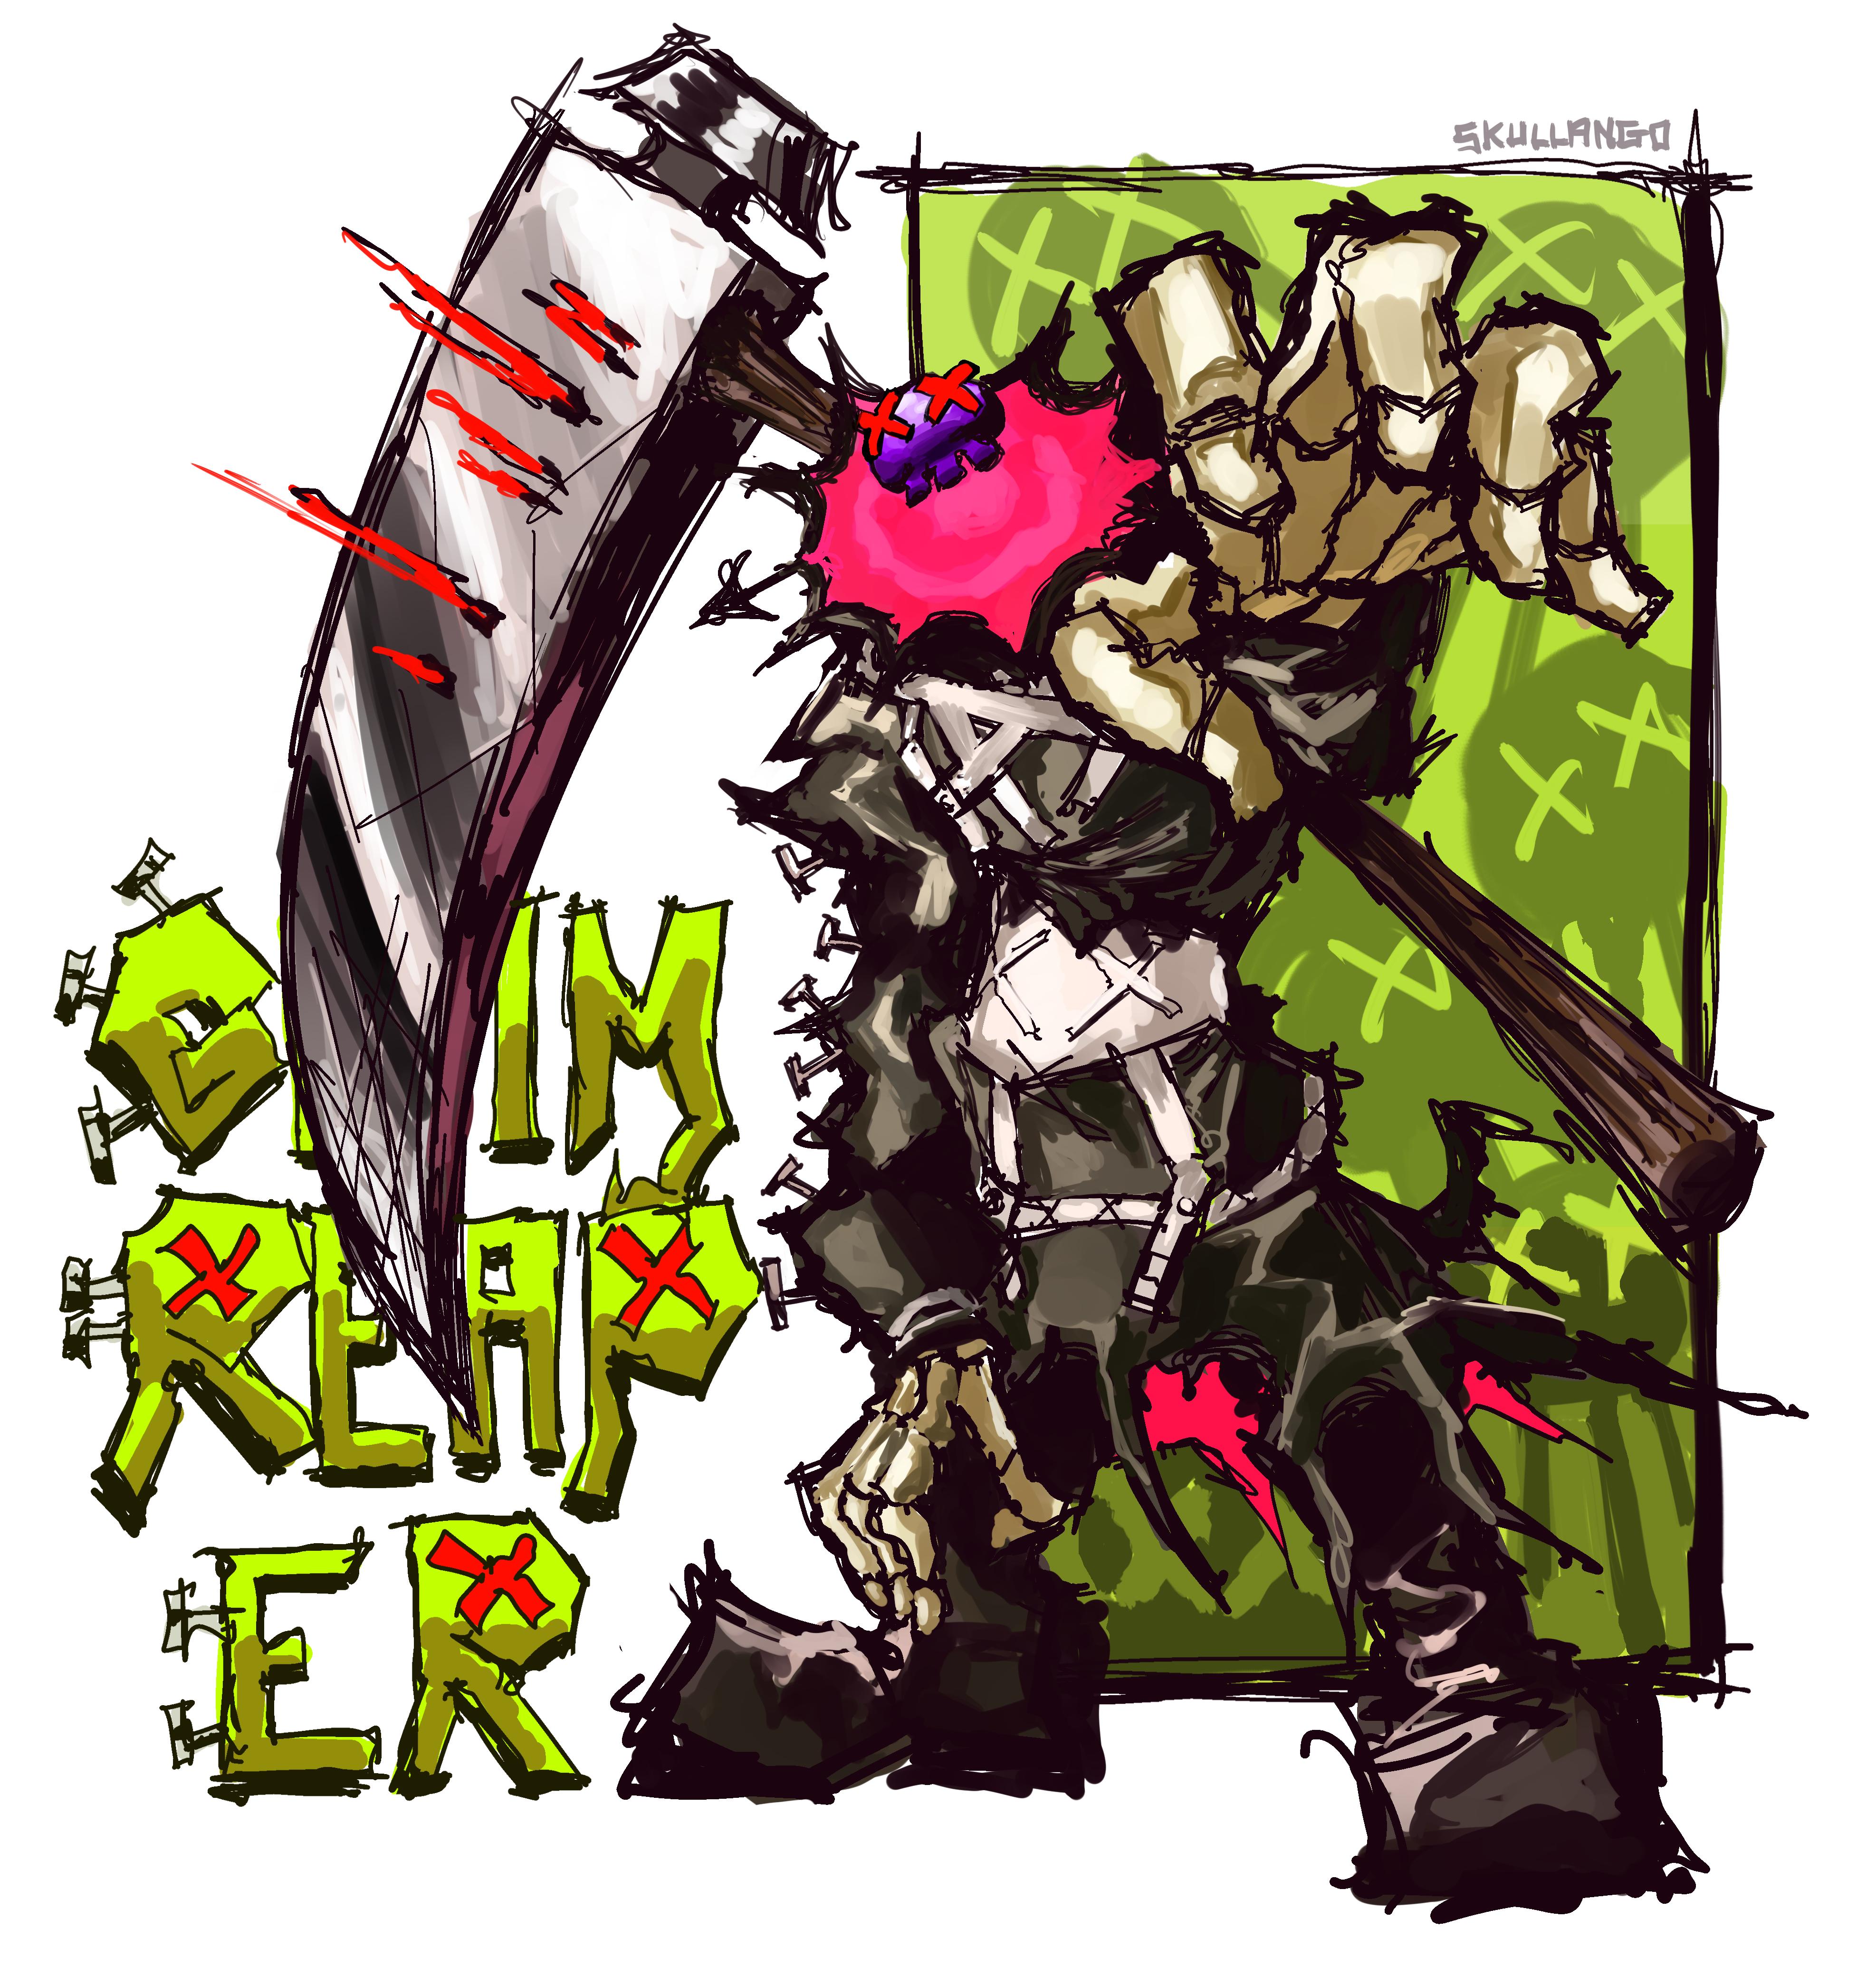 GRIM REAPER [ART TRADE]